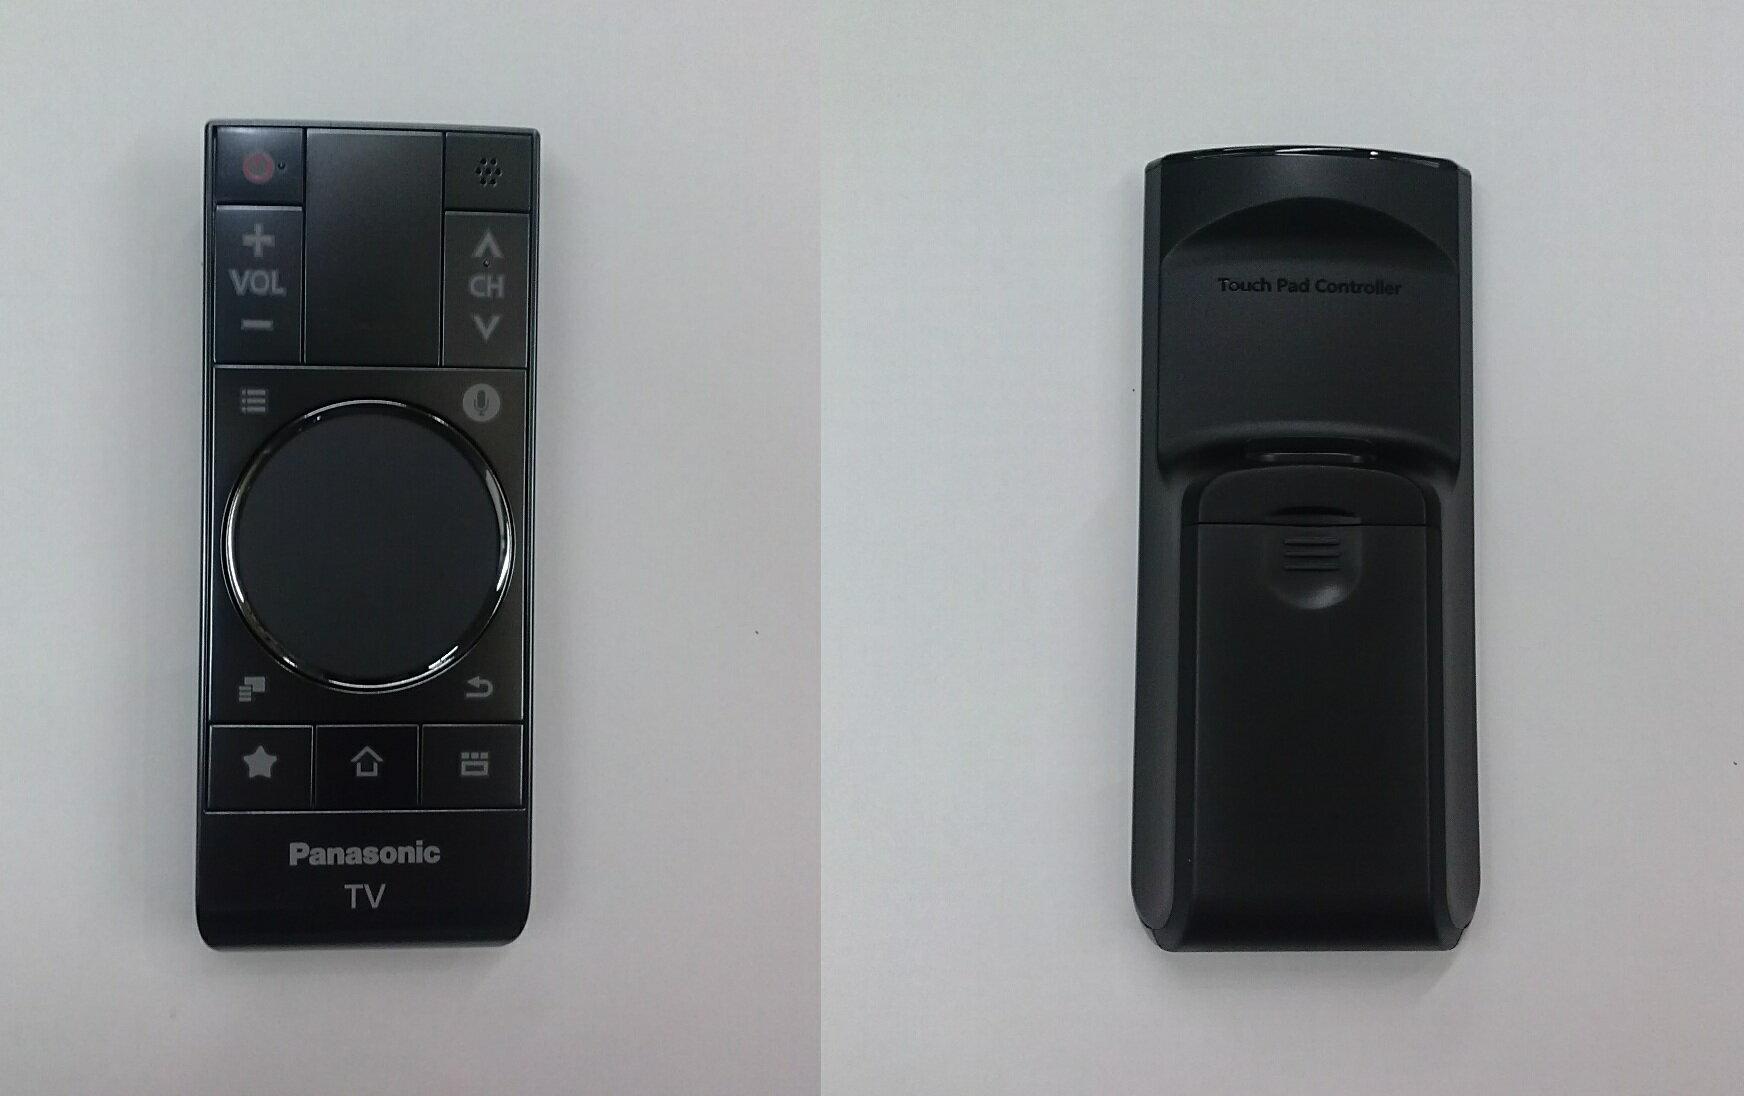 NEW ORIGINAL PANASONIC LED REMOTE CONTROL FOR TC-65AX800U TC65AX800U TC-65AX900U